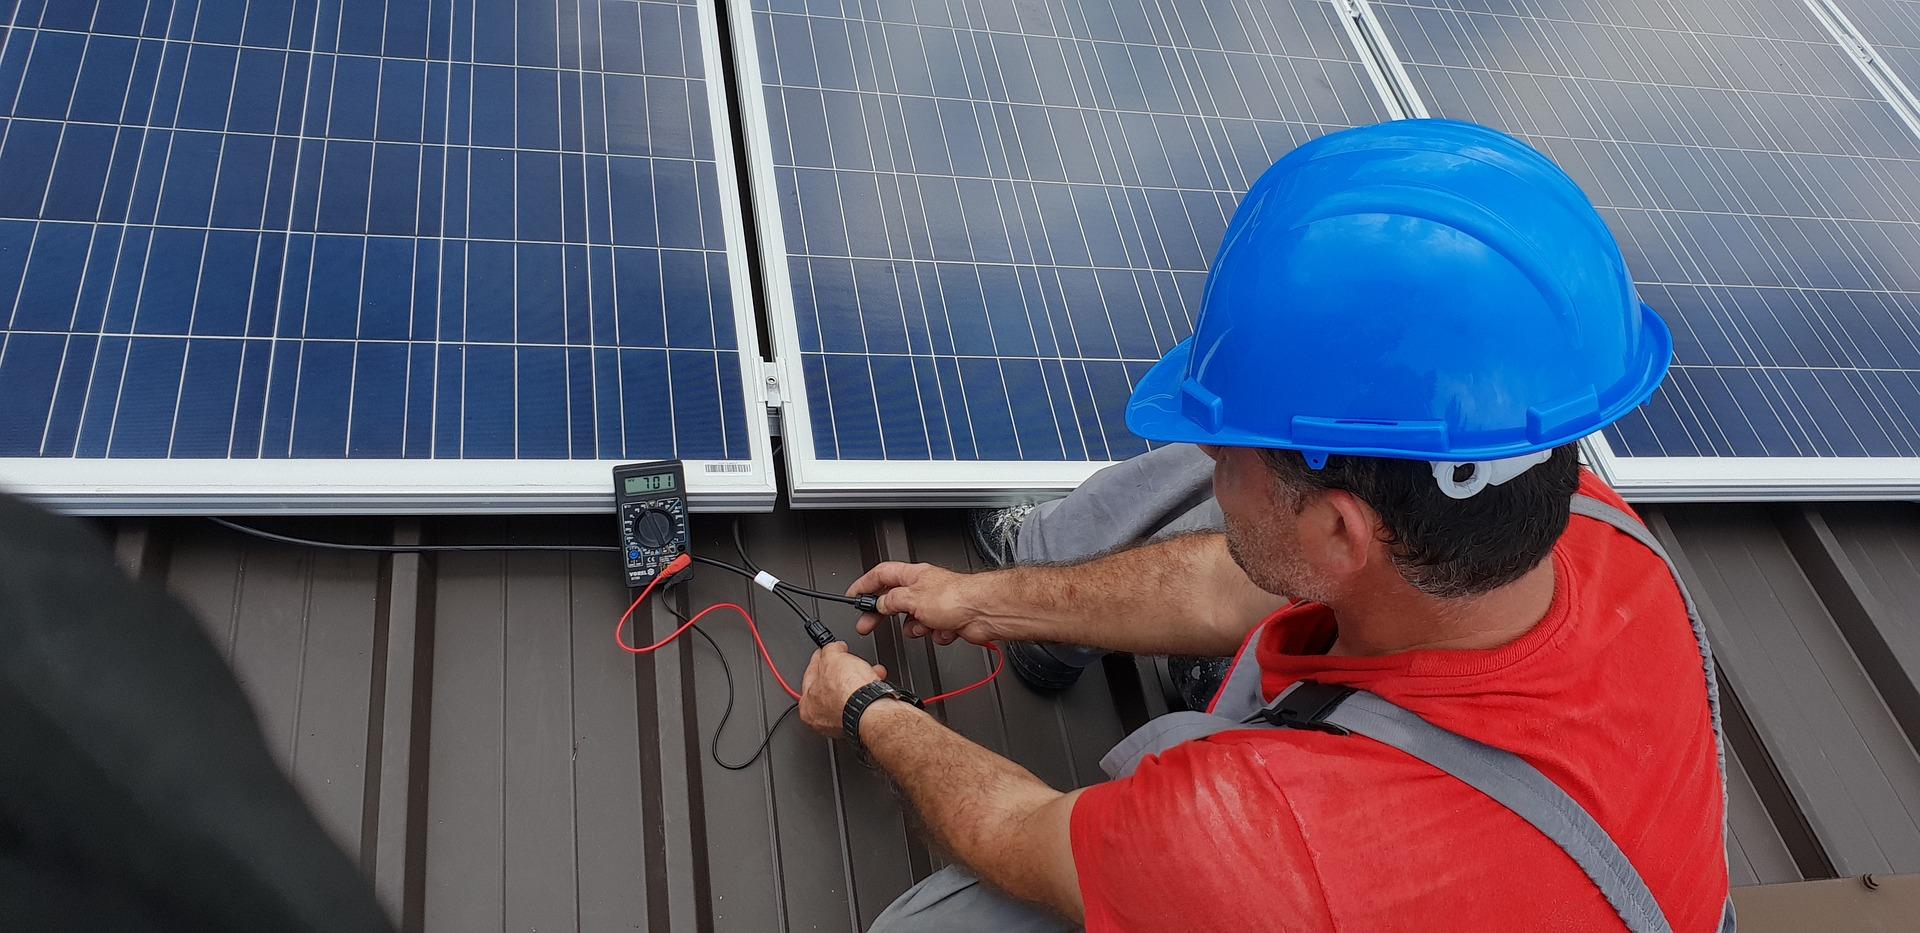 Bedrijven in de startblokken voor Scope 12: verzekeraars gaan inspectie zonnepanelen als harde eis stellen